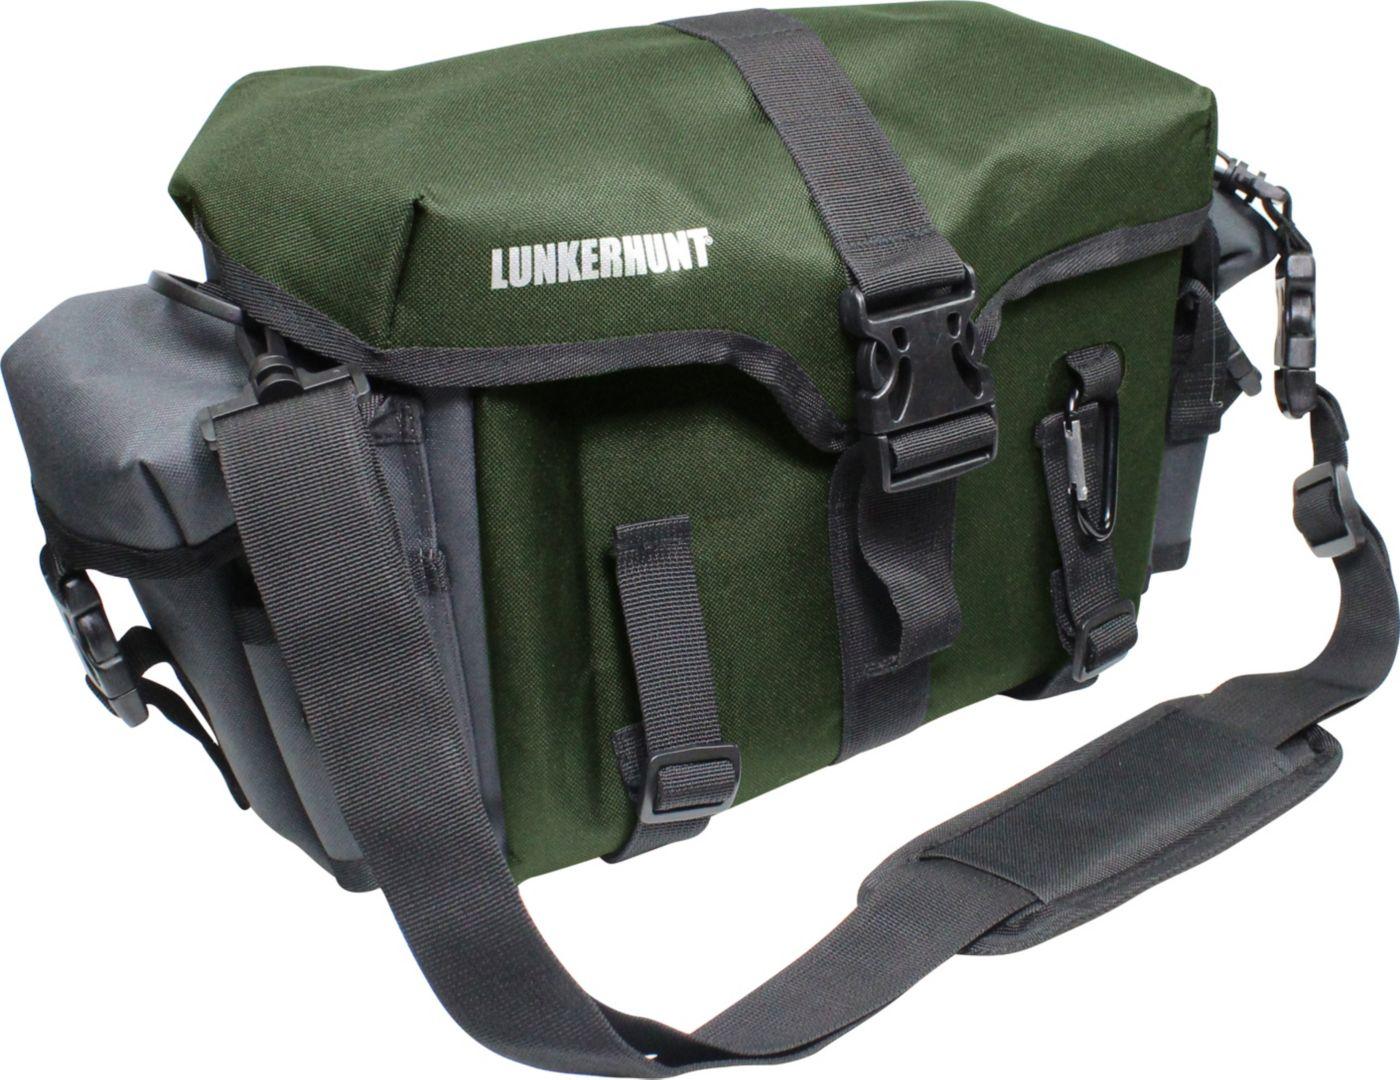 Lunkerhunt LTS Avid Satchel Tackle Bag